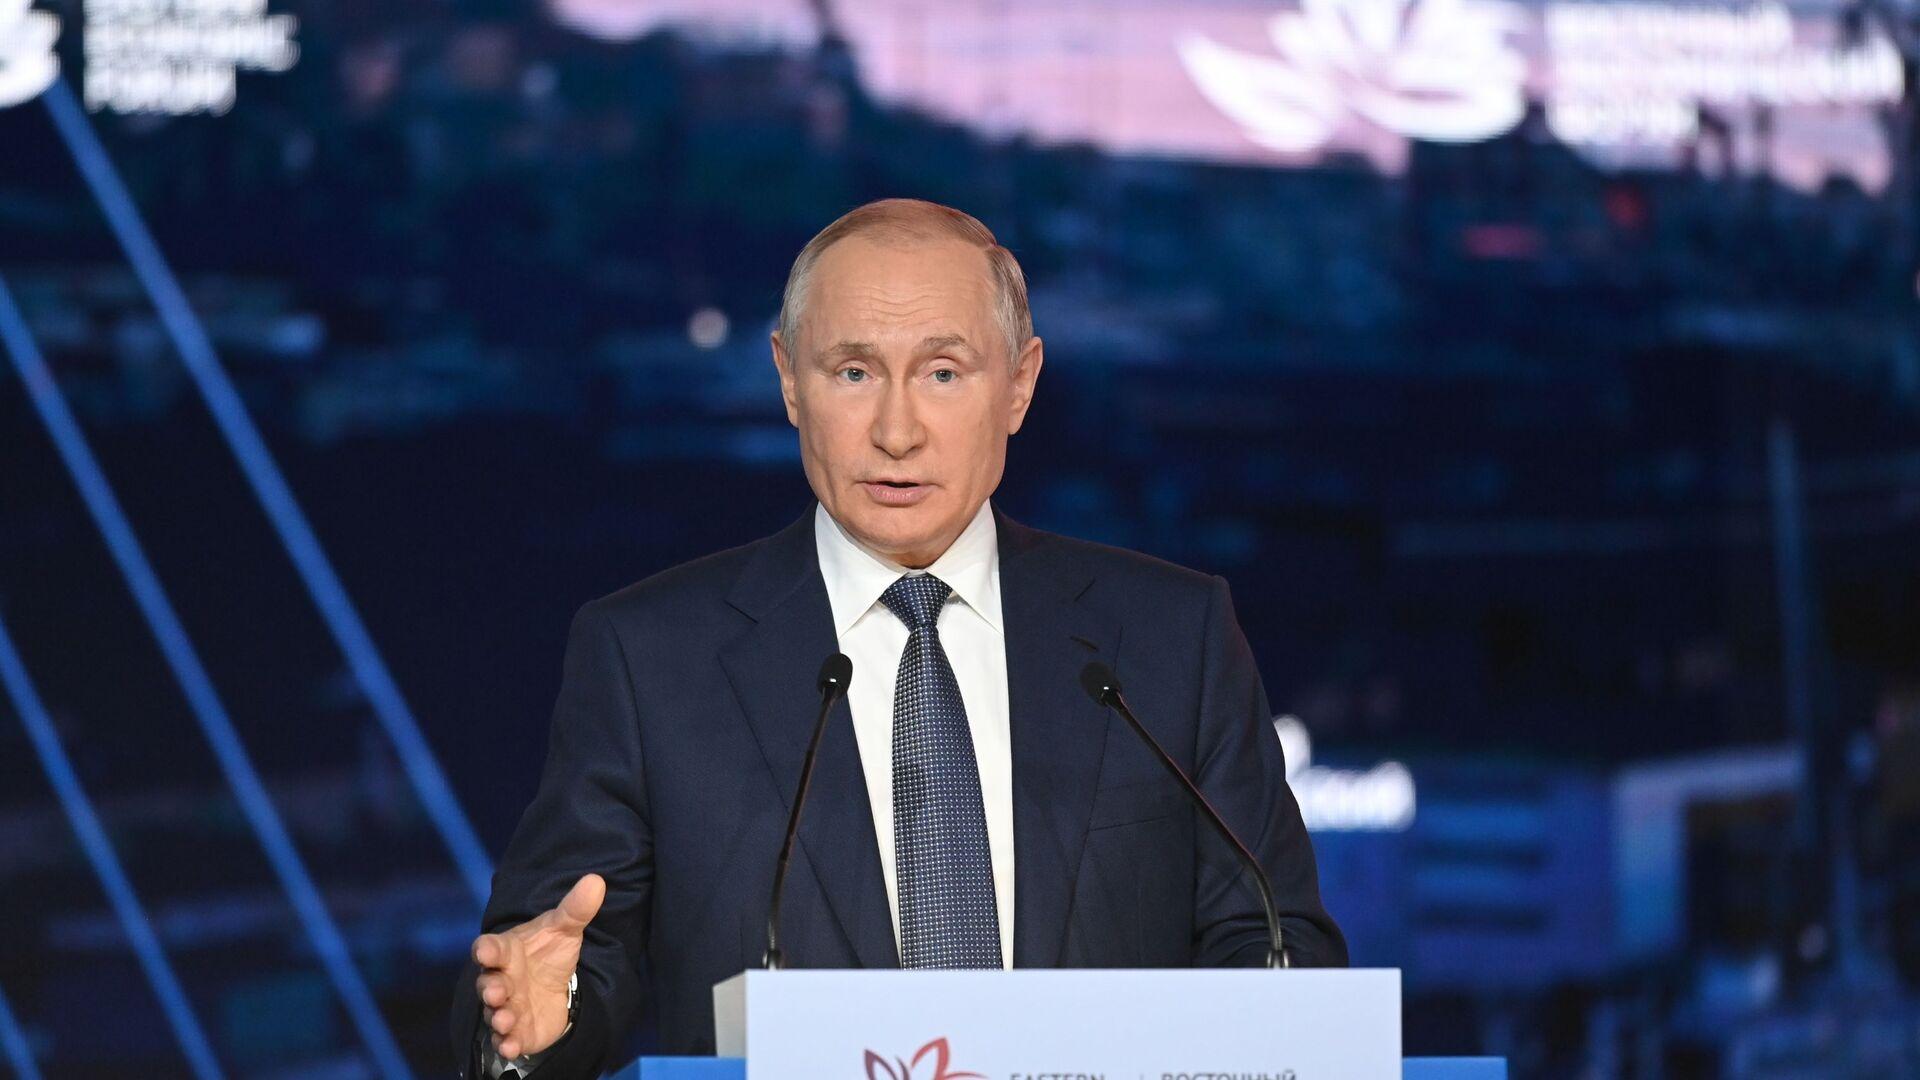 Władimir Putin na sesji plenarnej Wschodniego Forum Ekonomicznego 2021 - Sputnik Polska, 1920, 03.09.2021